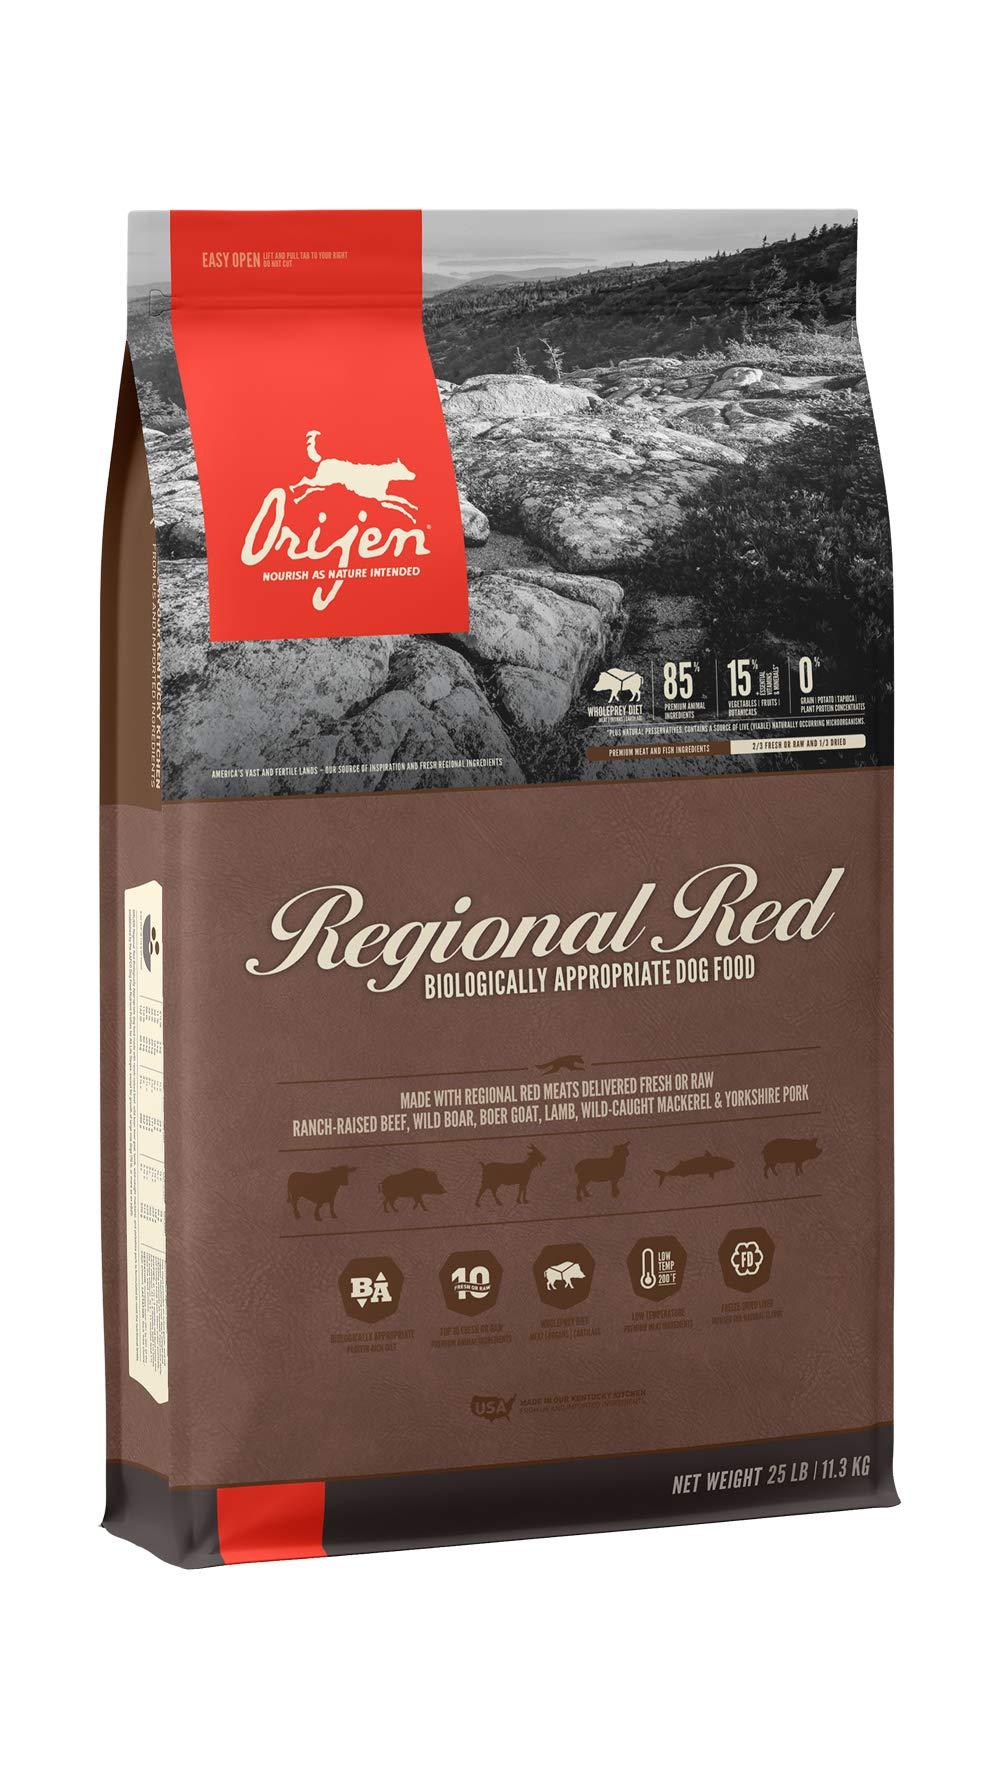 ORIJEN Dry Dog Food, Regional Red, Biologically Appropriate & Grain Free by Orijen